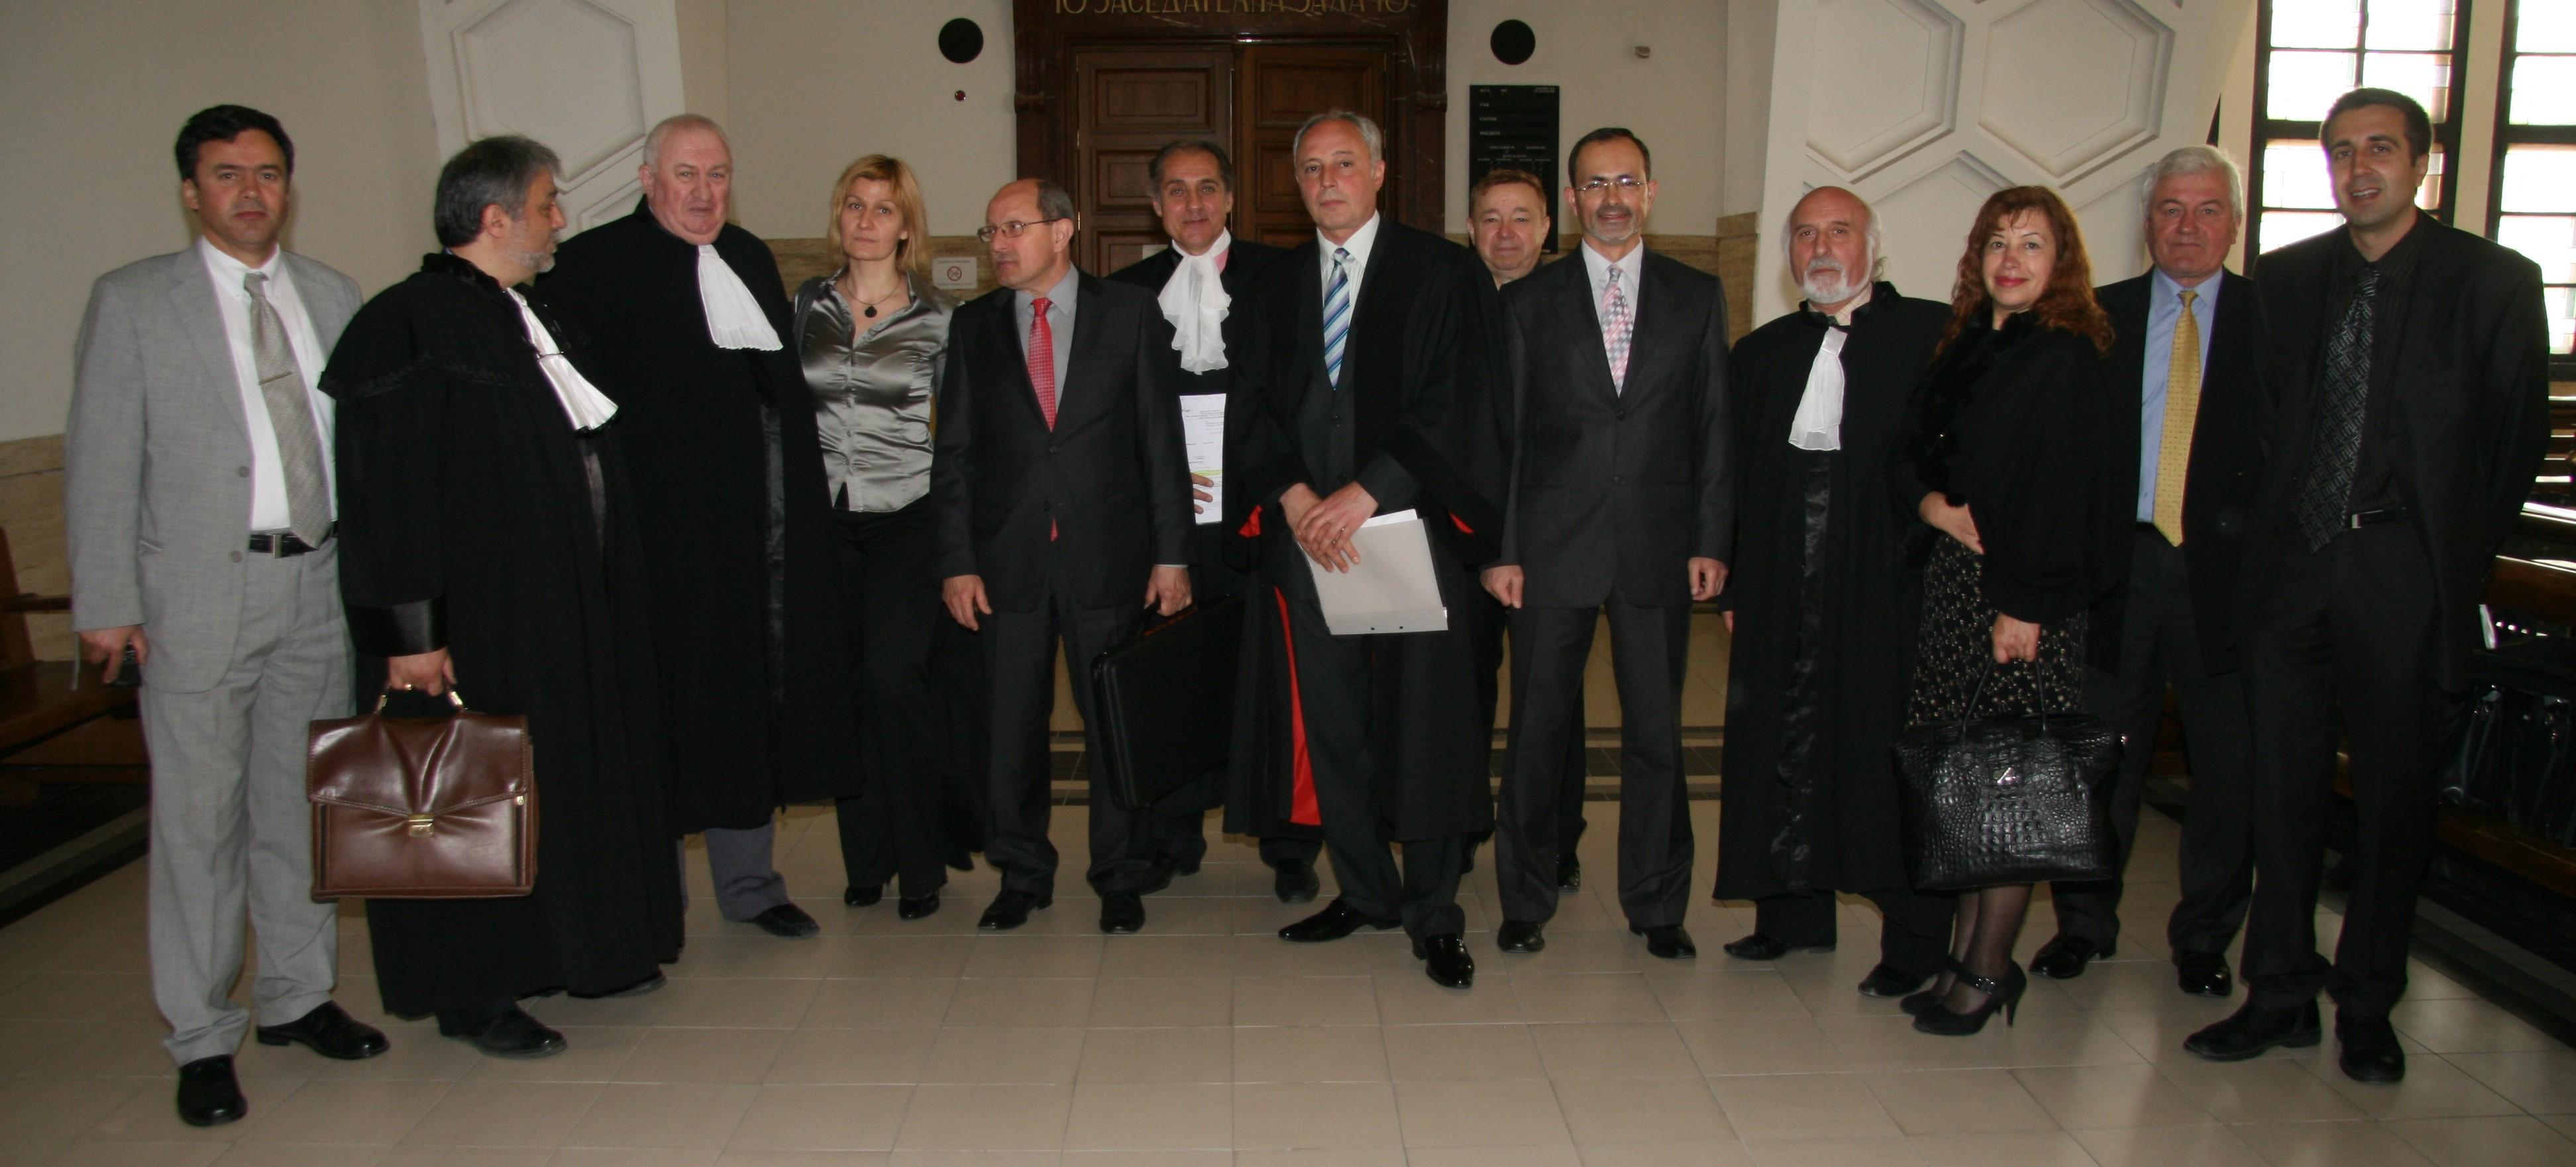 """Елитът на """"Адвокати За Промяна"""" през 2011 г. Днес конкуренцията за овладяване на властта в софийската адвокатура – а и на националната, са между съратниците на тази снимка. Аналогията с Реформаторския блок е излишна."""